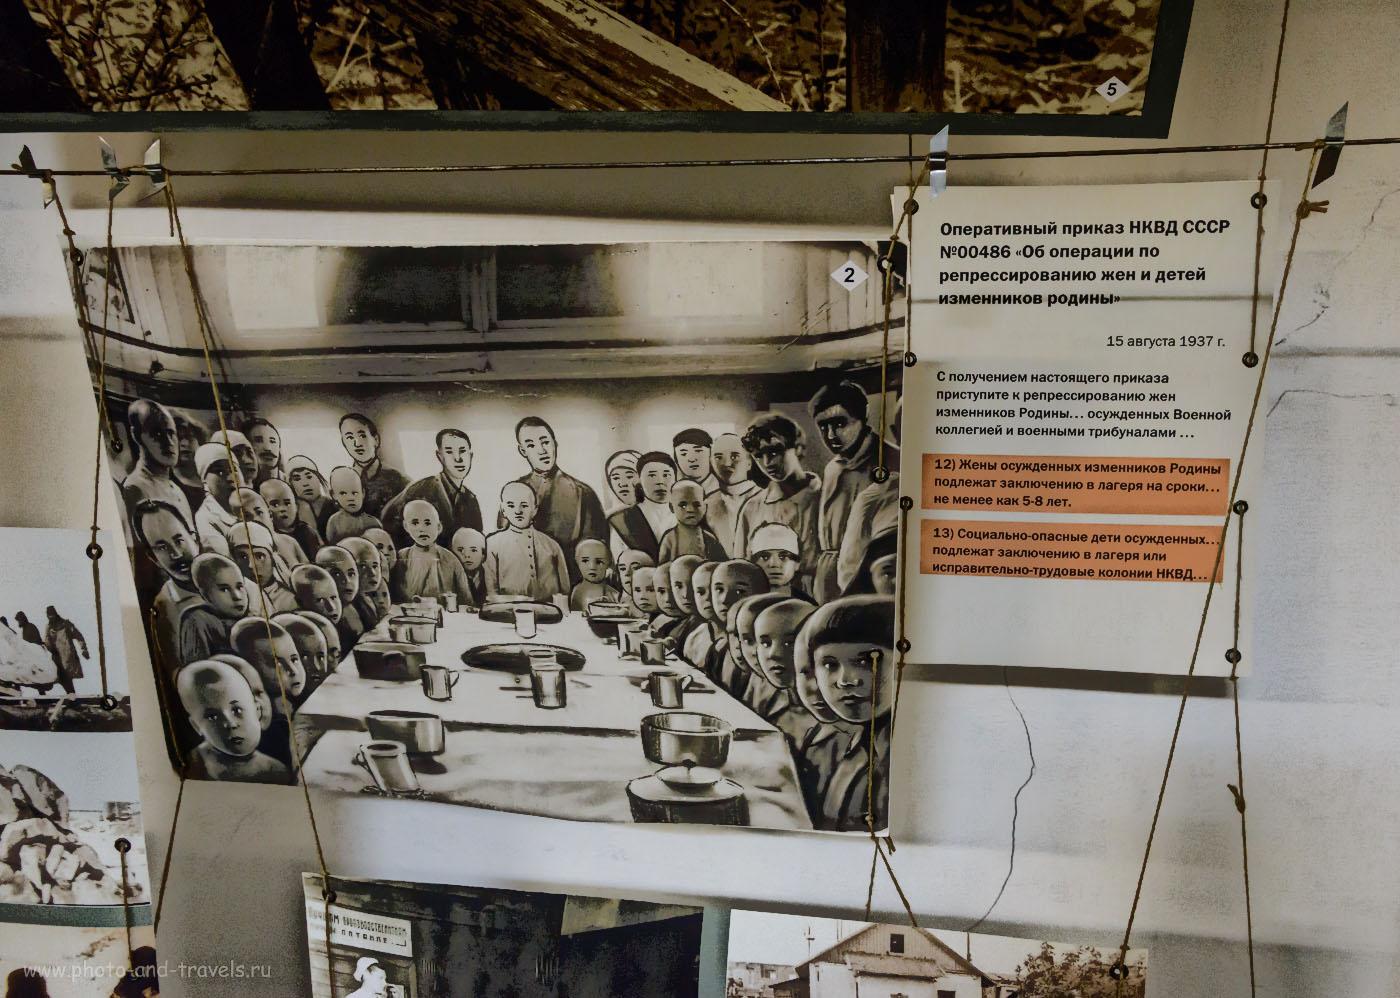 9. Один враг народа «порождал» десятки заключенных. Музей политических репрессий в Пермском крае. Отчет об экскурсии. 1/80, -0.33, 4000, 24.